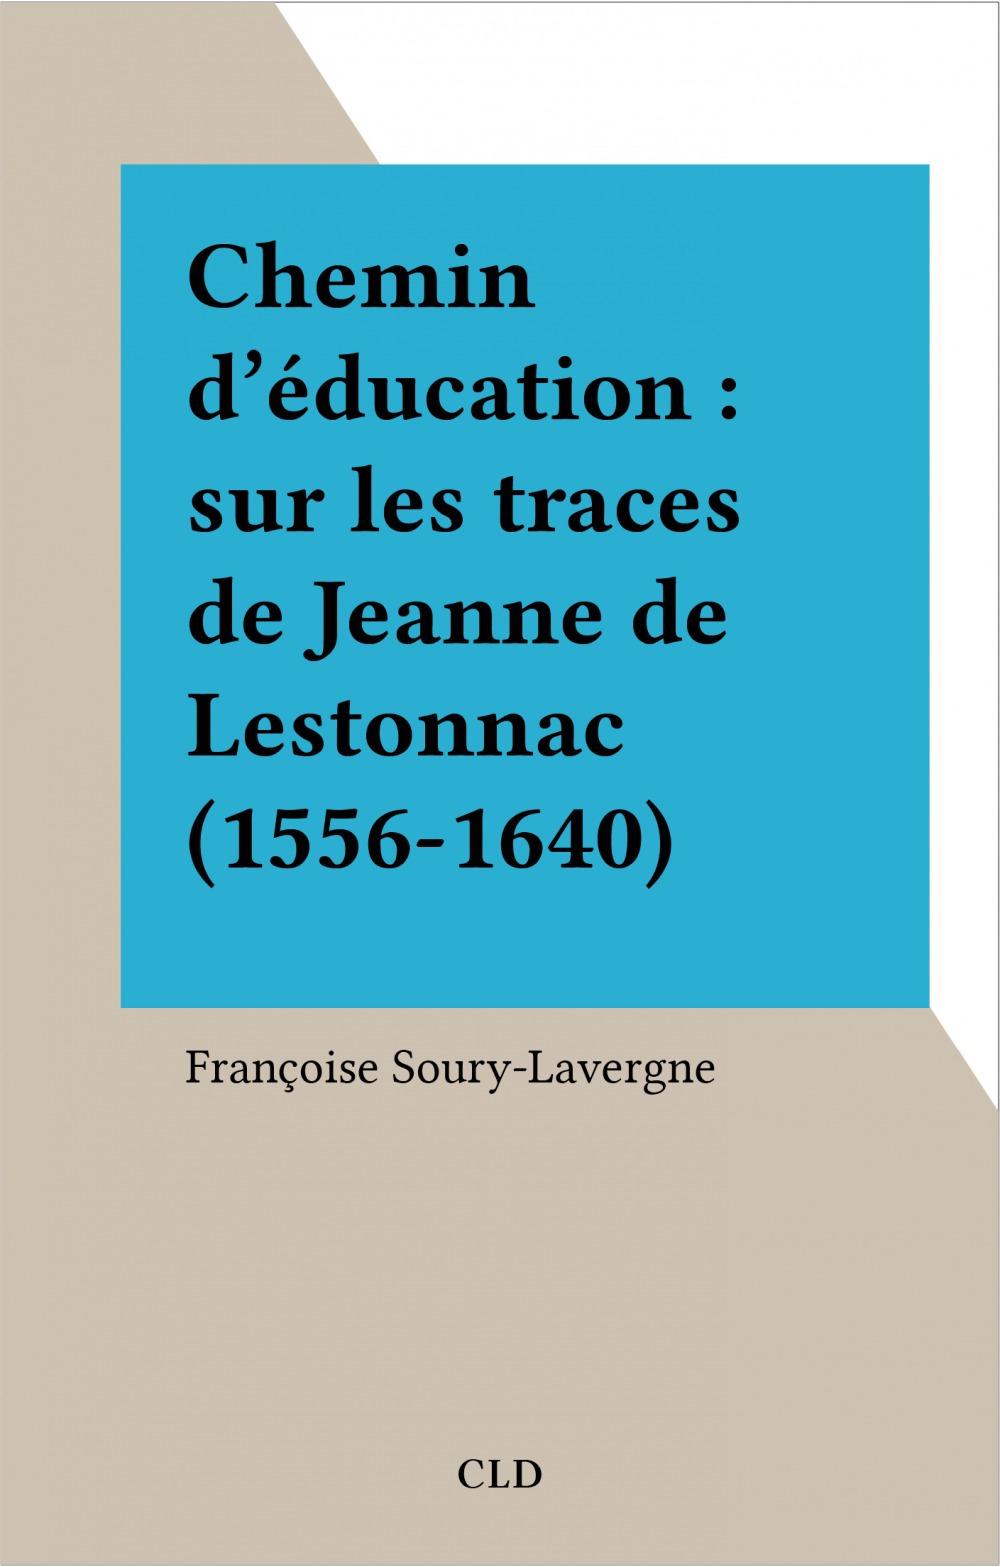 Chemin d'éducation : sur les traces de Jeanne de Lestonnac (1556-1640)